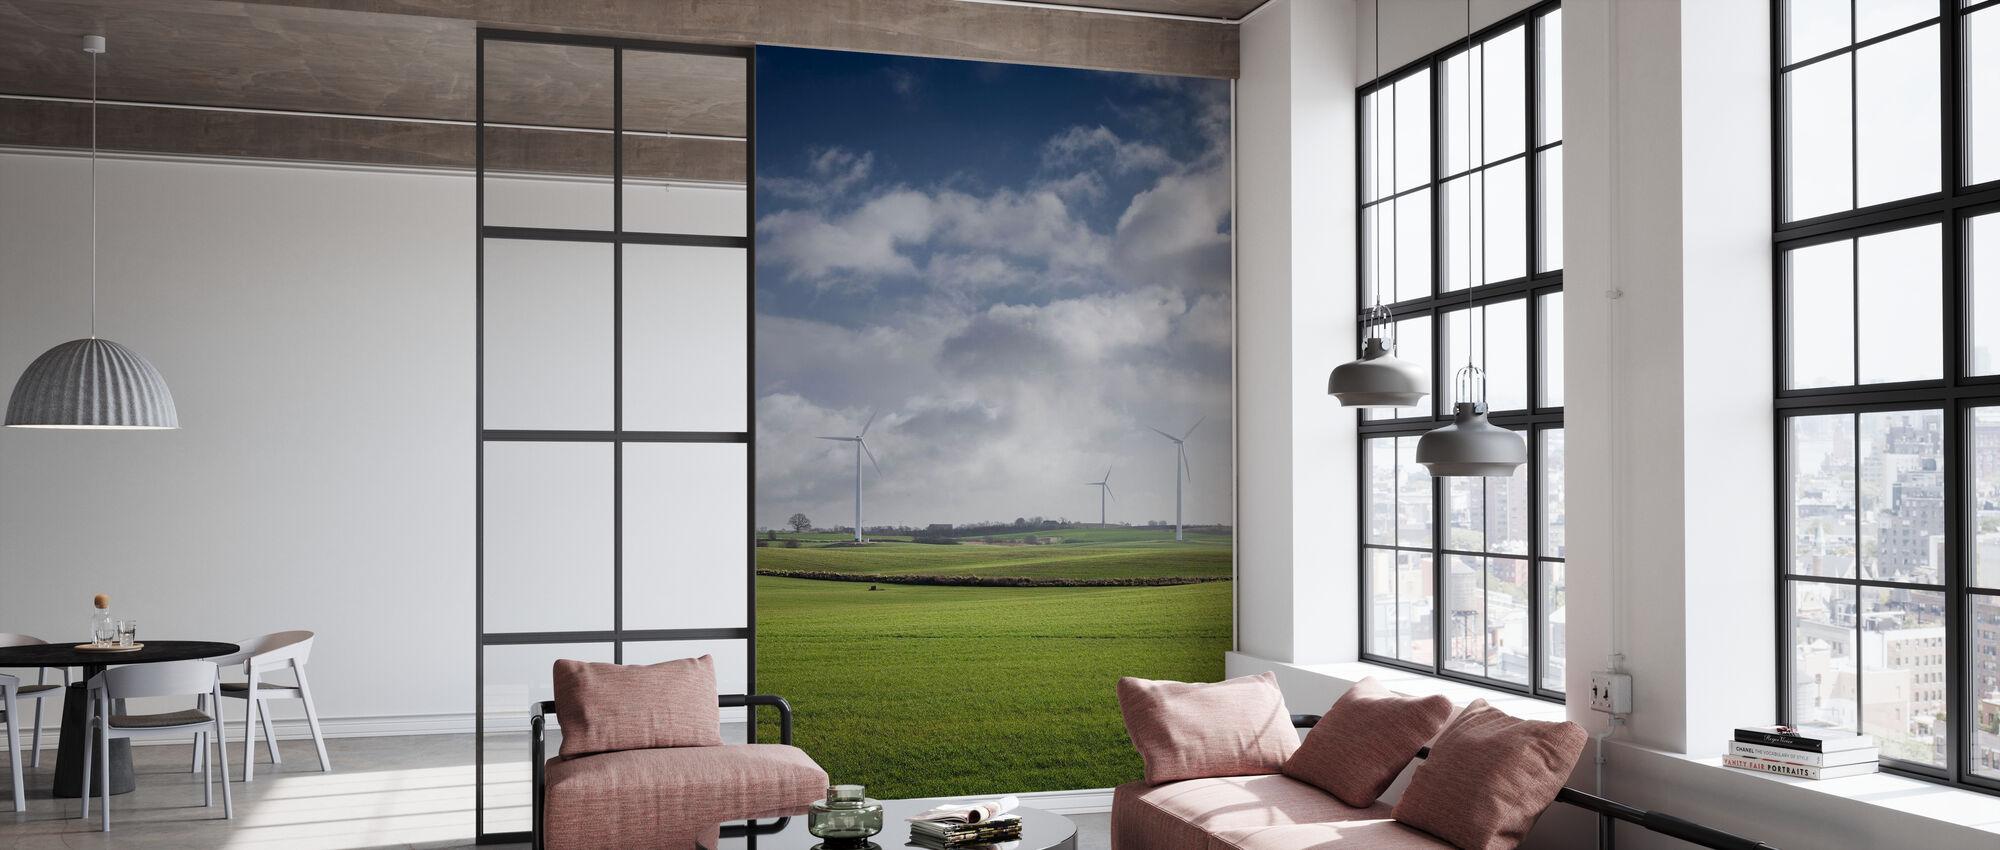 Windmolen in de groene velden van Skåne, Zweden - Behang - Kantoor